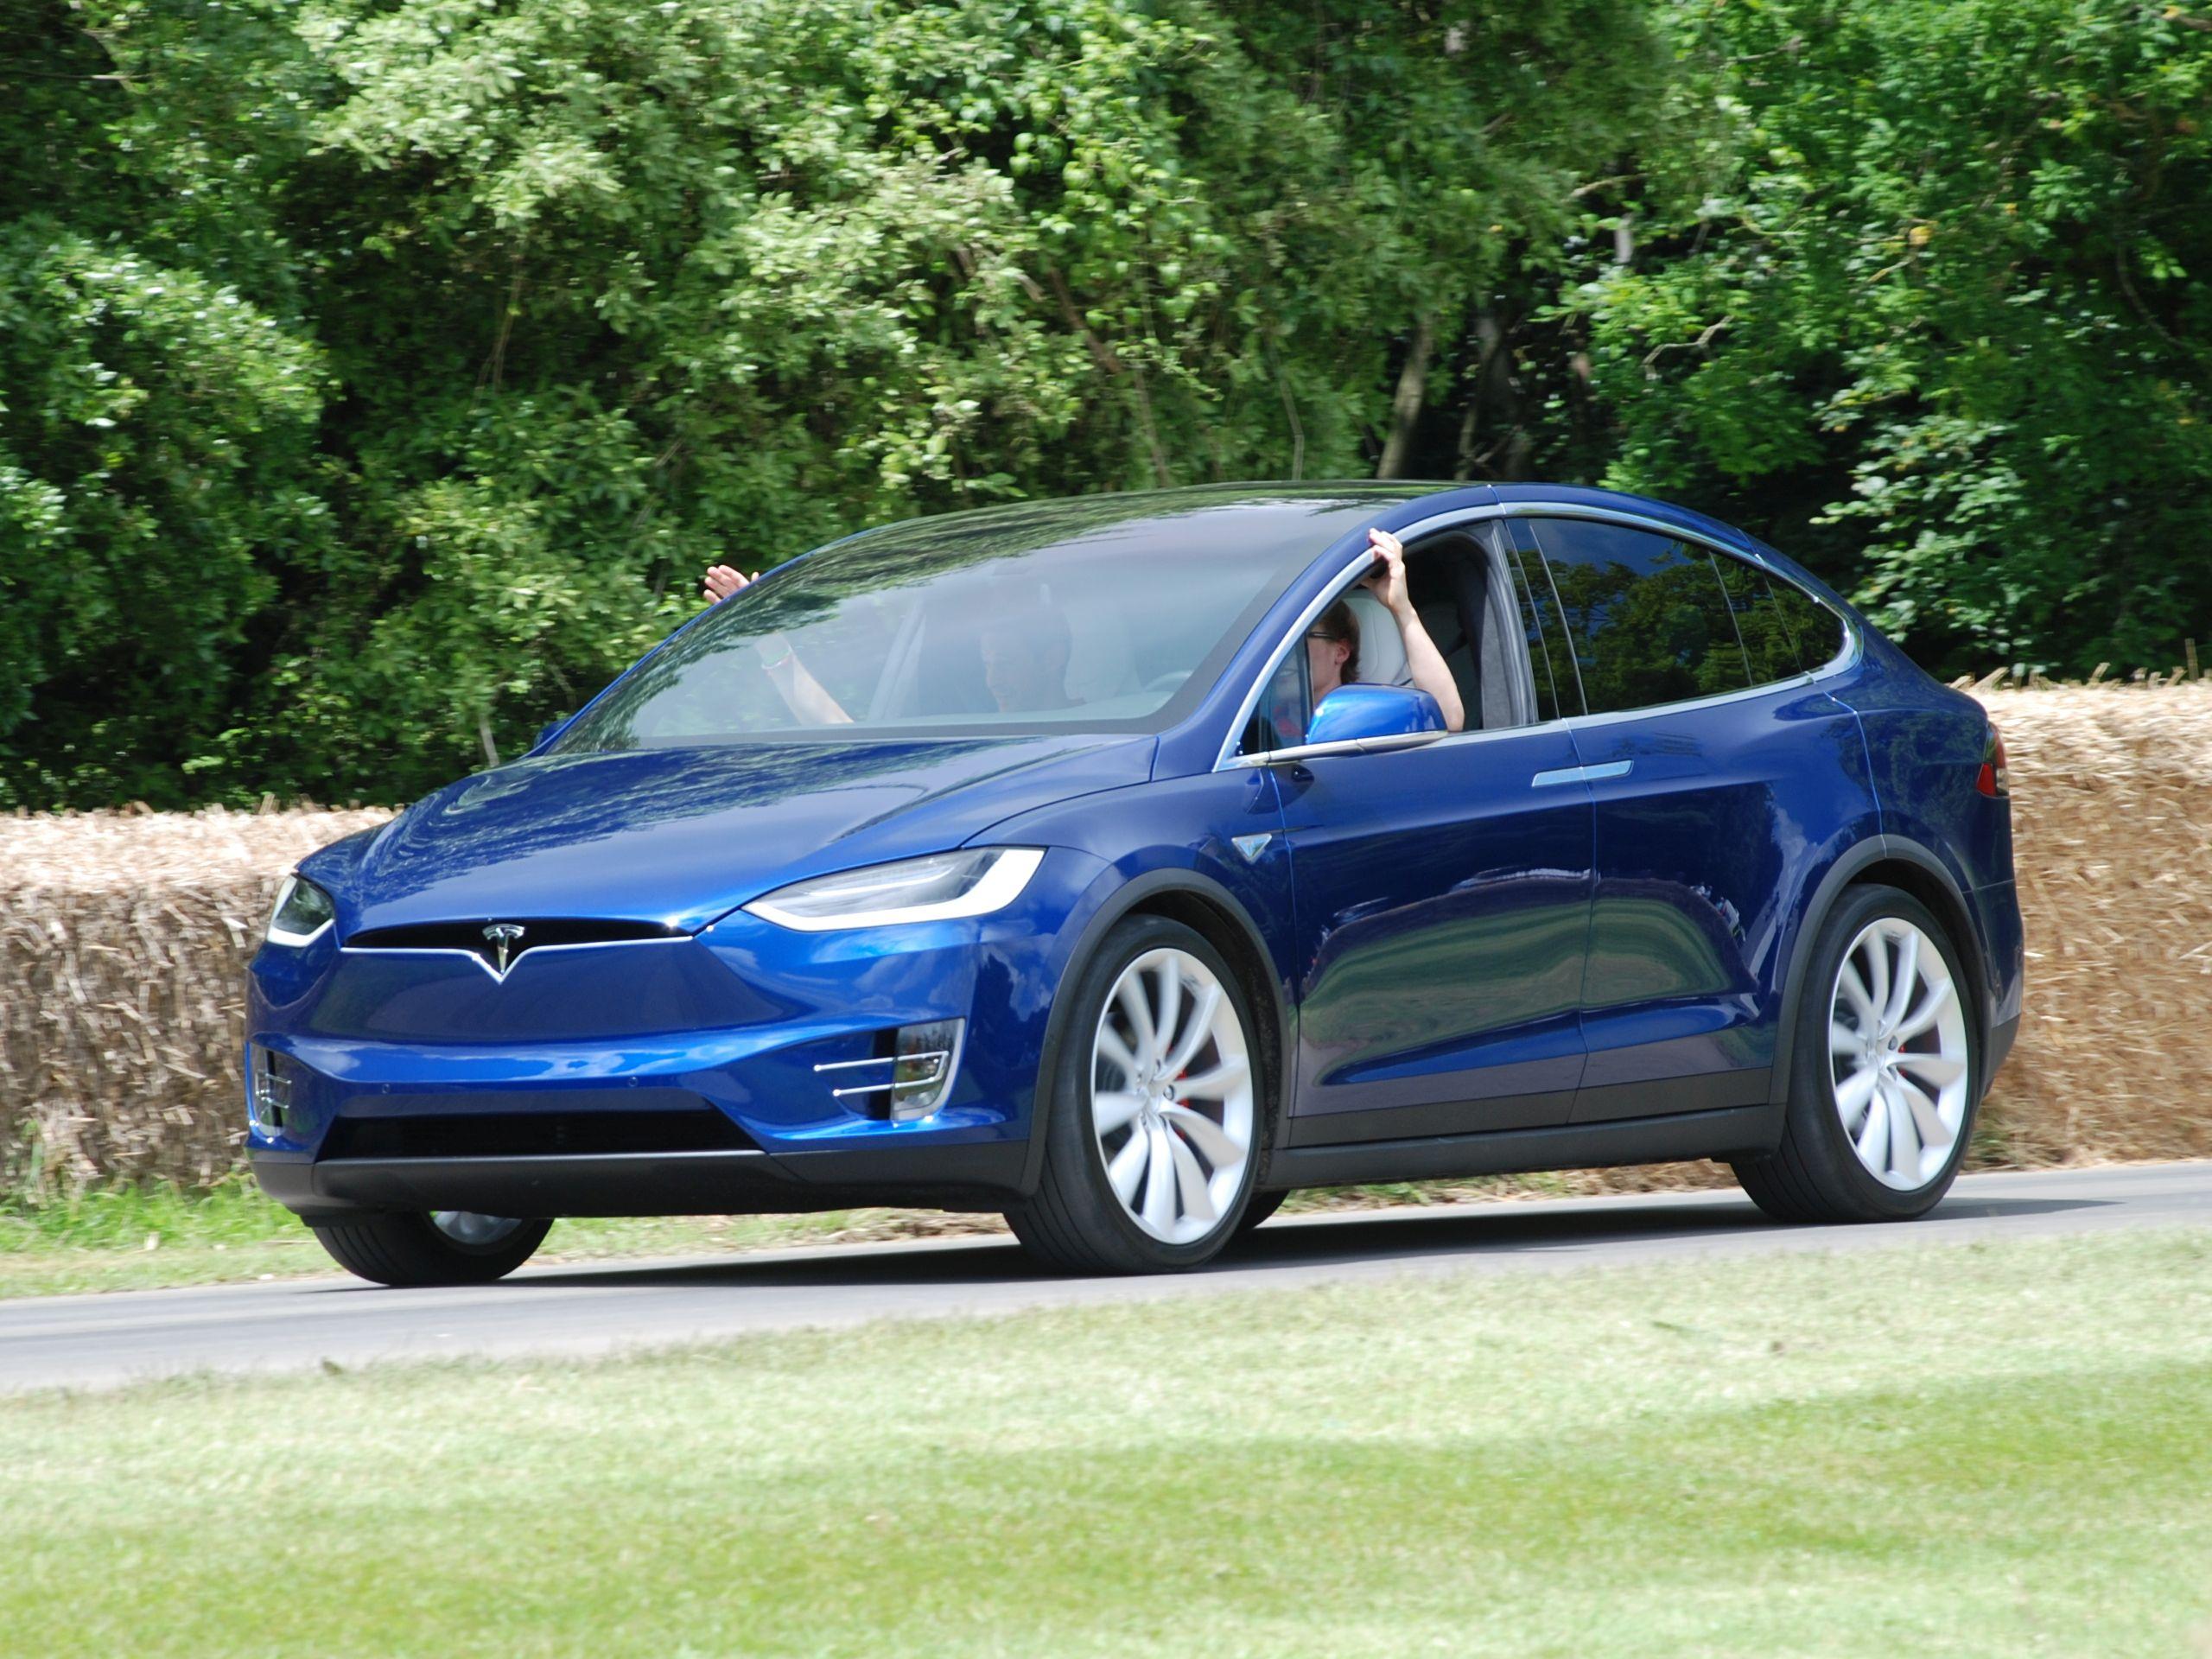 Tesla on Autopilot Hits Police Motorcycle